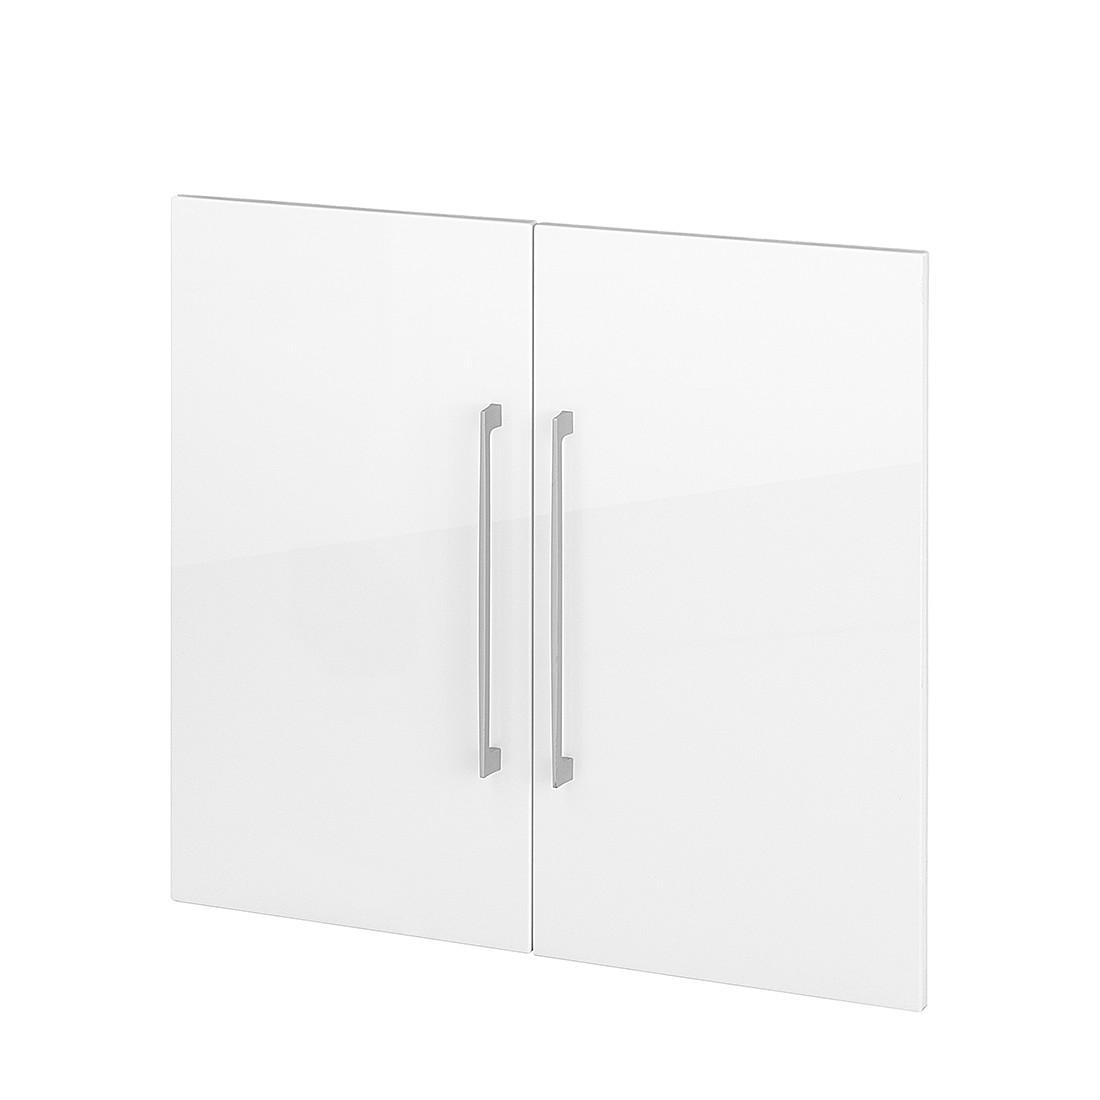 Home 24 - Paire de portes zeta (hauteur : 71 cm) - blanc, home24 office